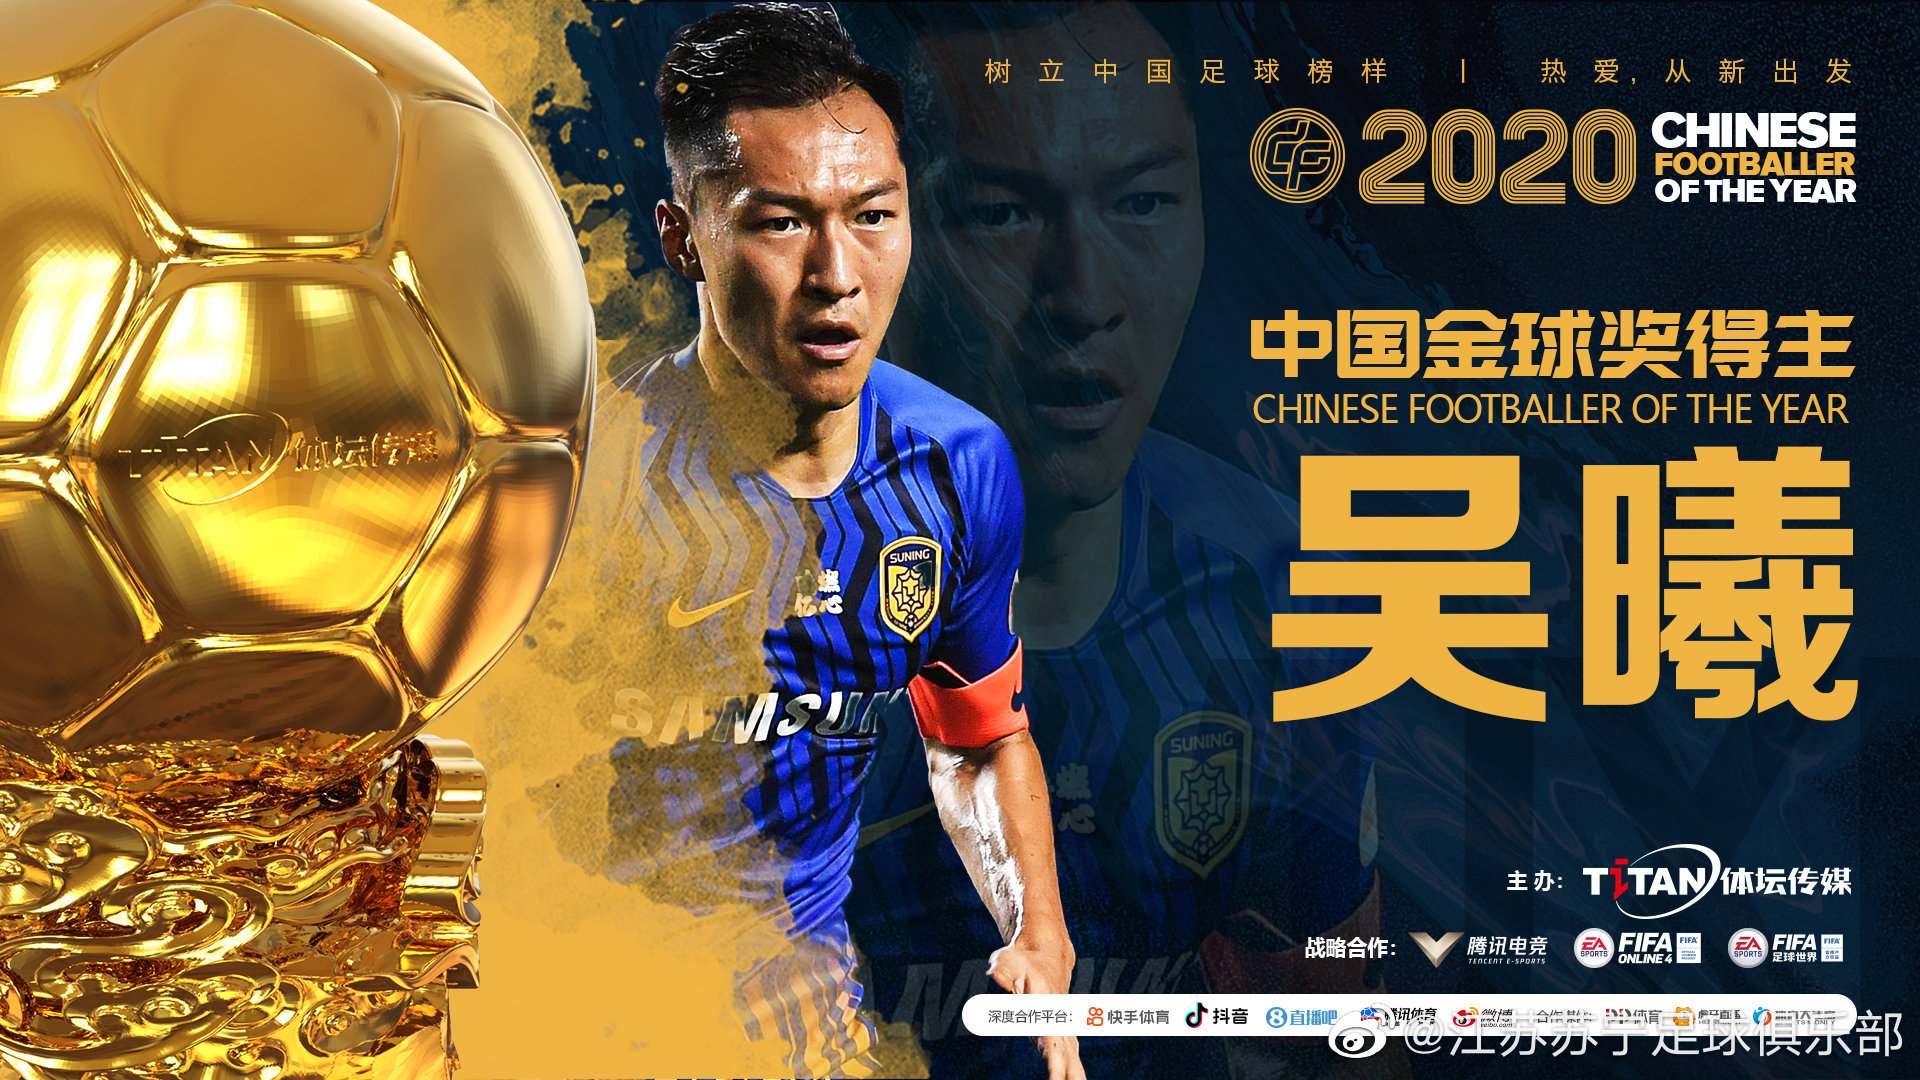 《【恒耀手机版登录地址】官方:江苏苏宁队长吴曦获得2020中国金球奖》